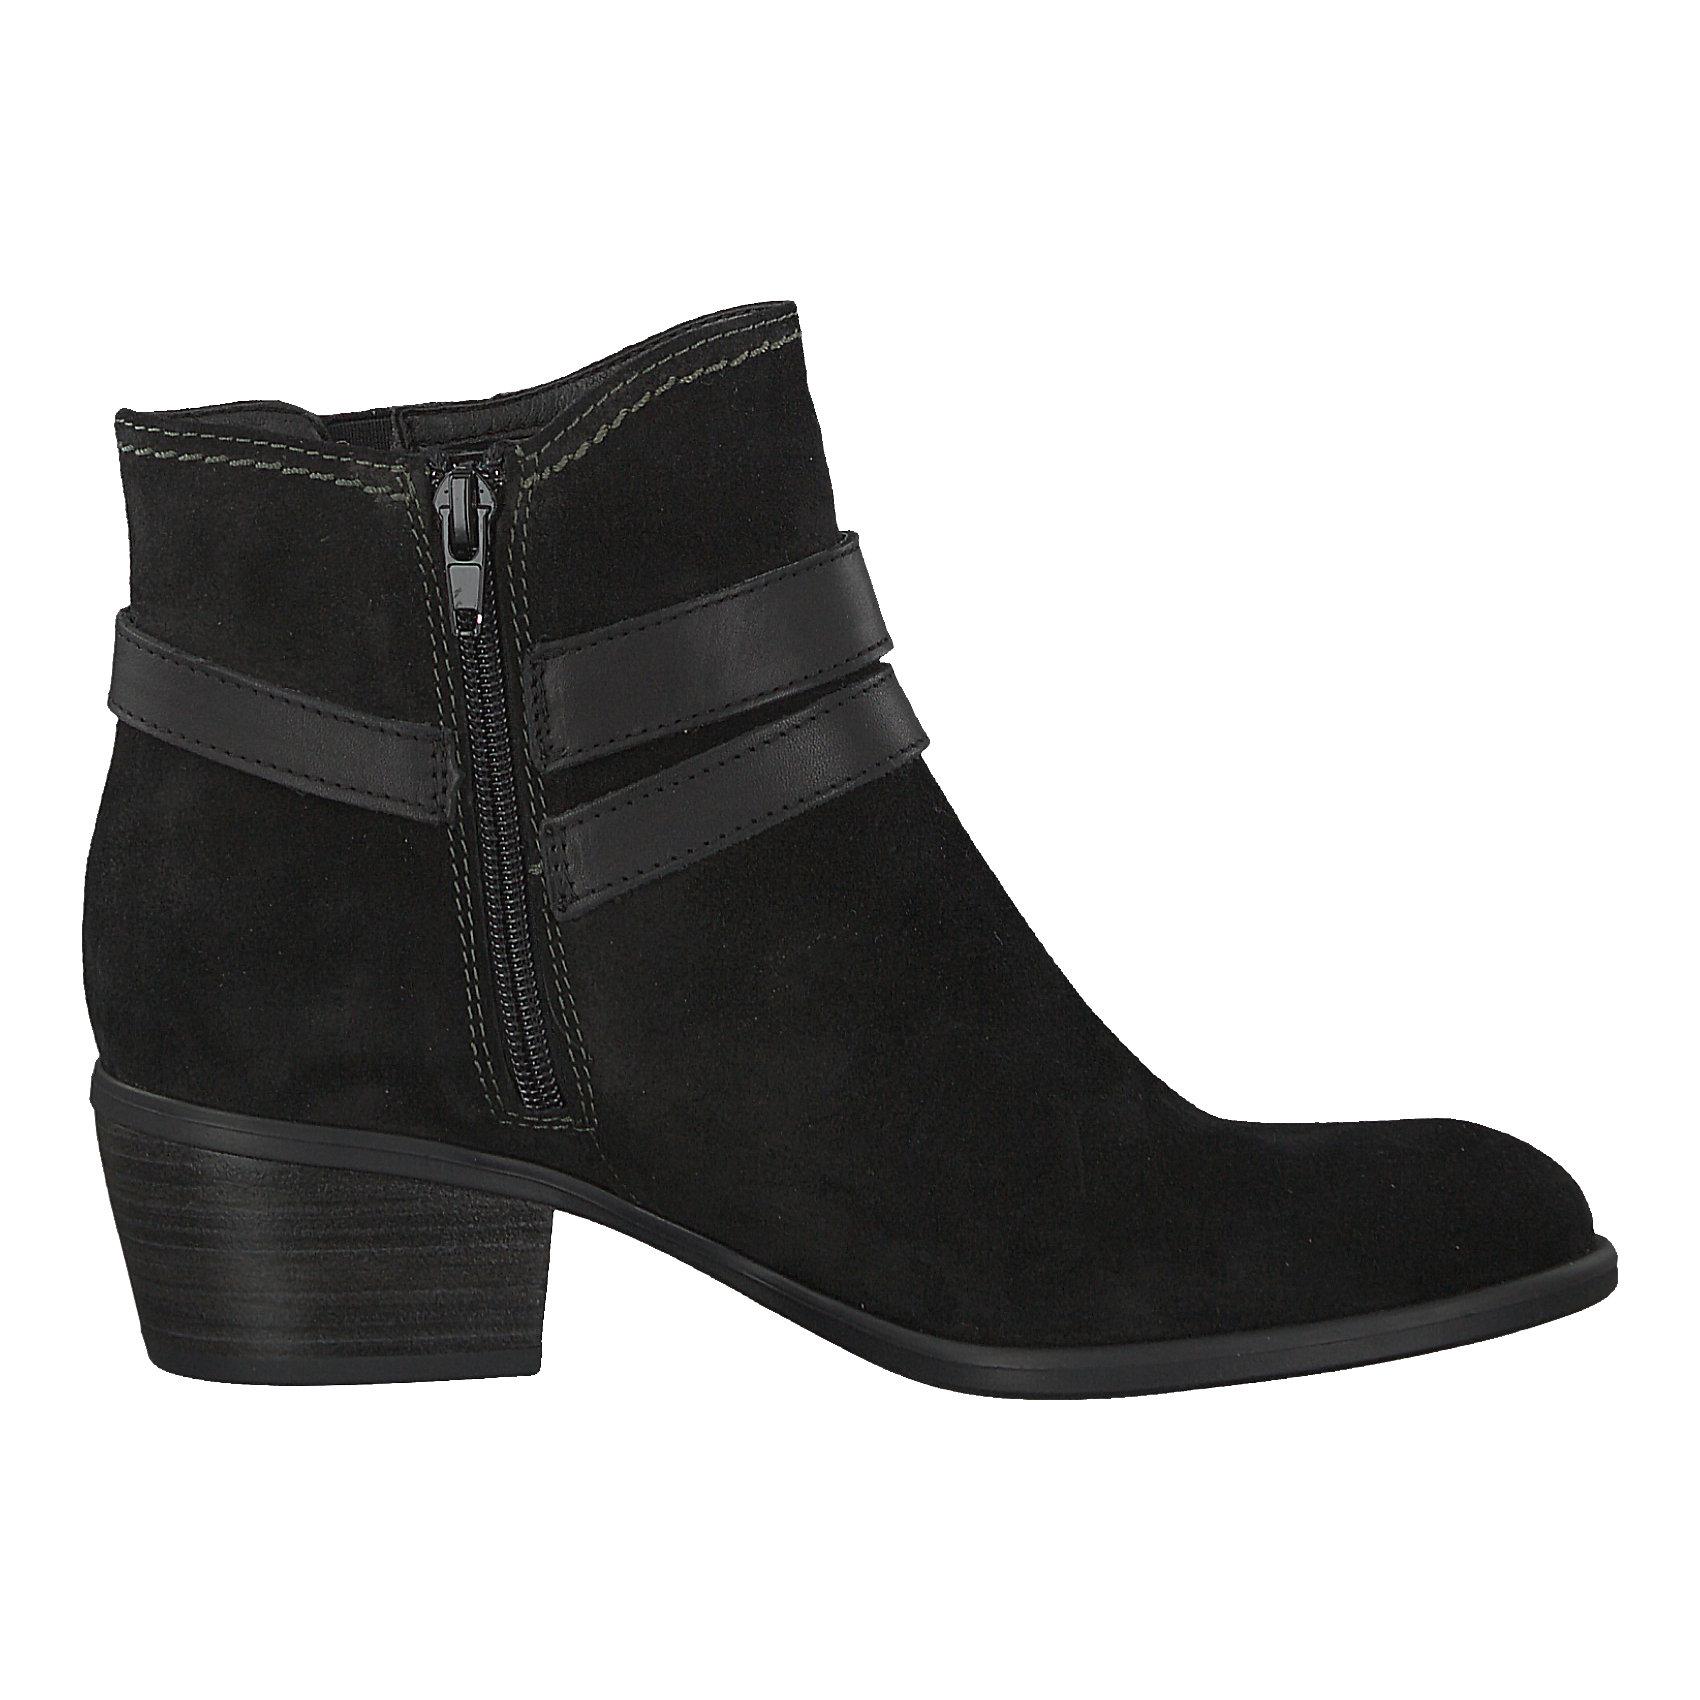 big sale da93b abfa5 ... Nike Air Jordan Prime Flight Basketball Sneakers Sneakers Sneakers Gray  black mens sz 13 shoes 89a2cb ...